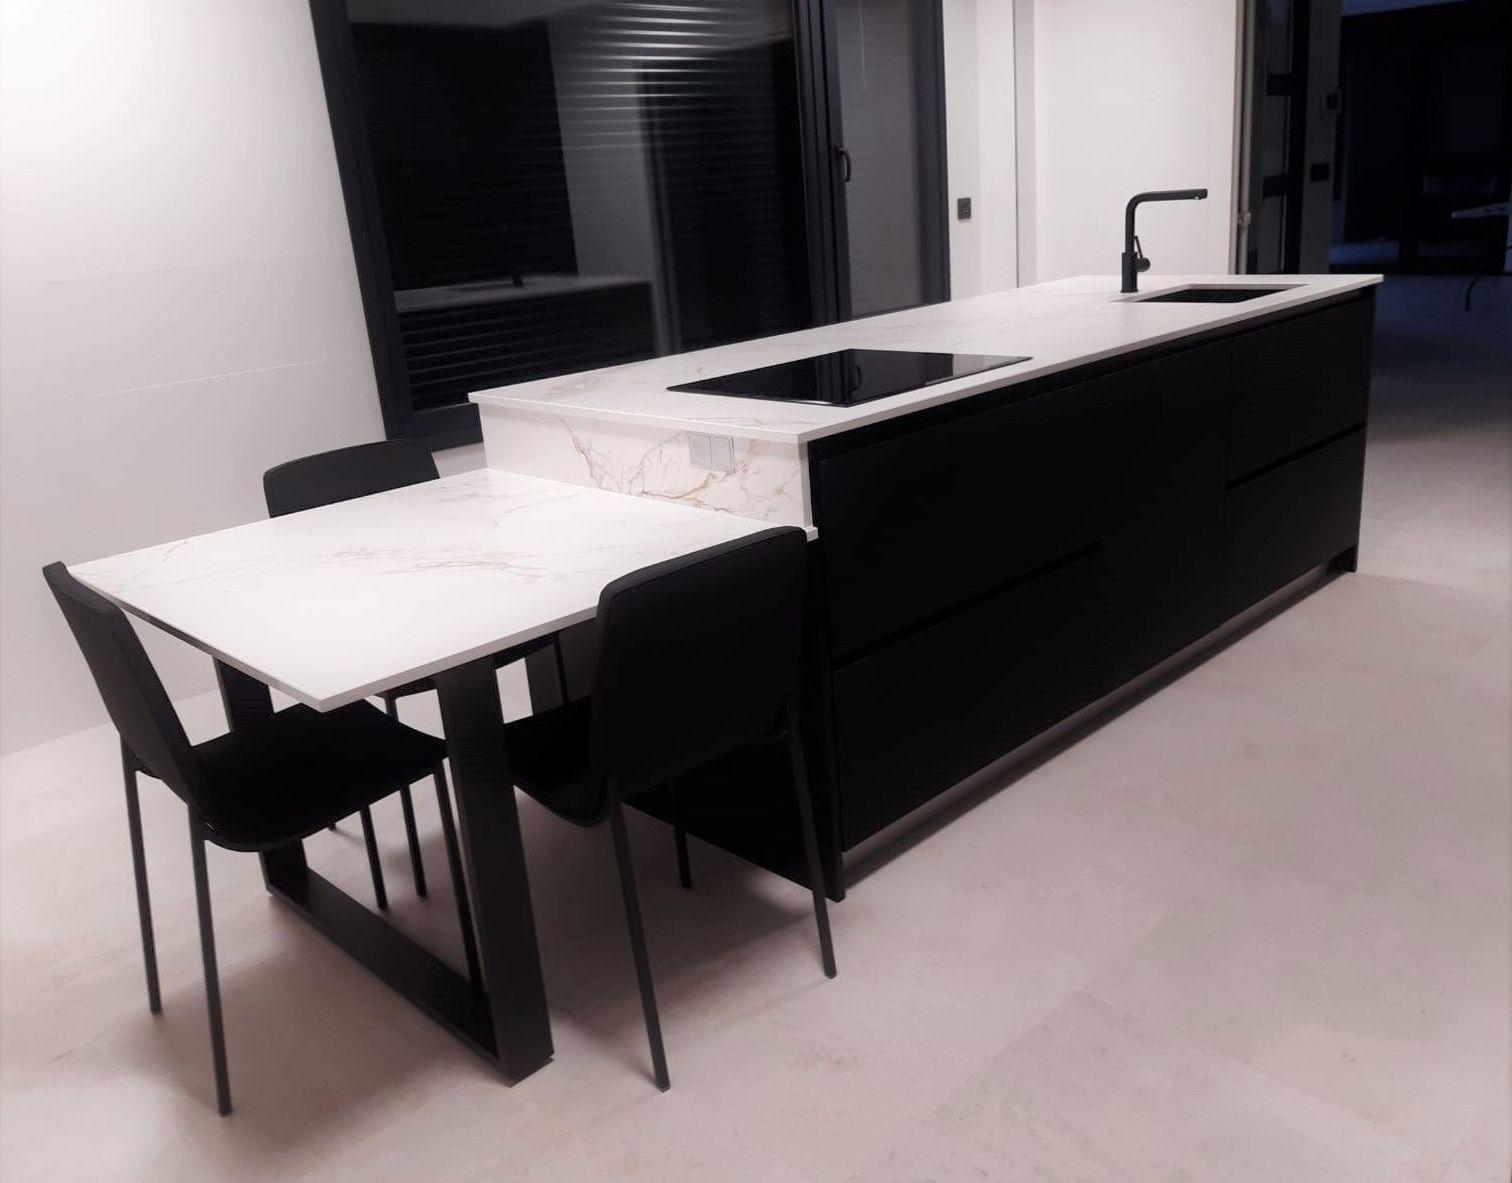 Foto 1 de Muebles de baño y cocina en Bilbao | Urko Cocina